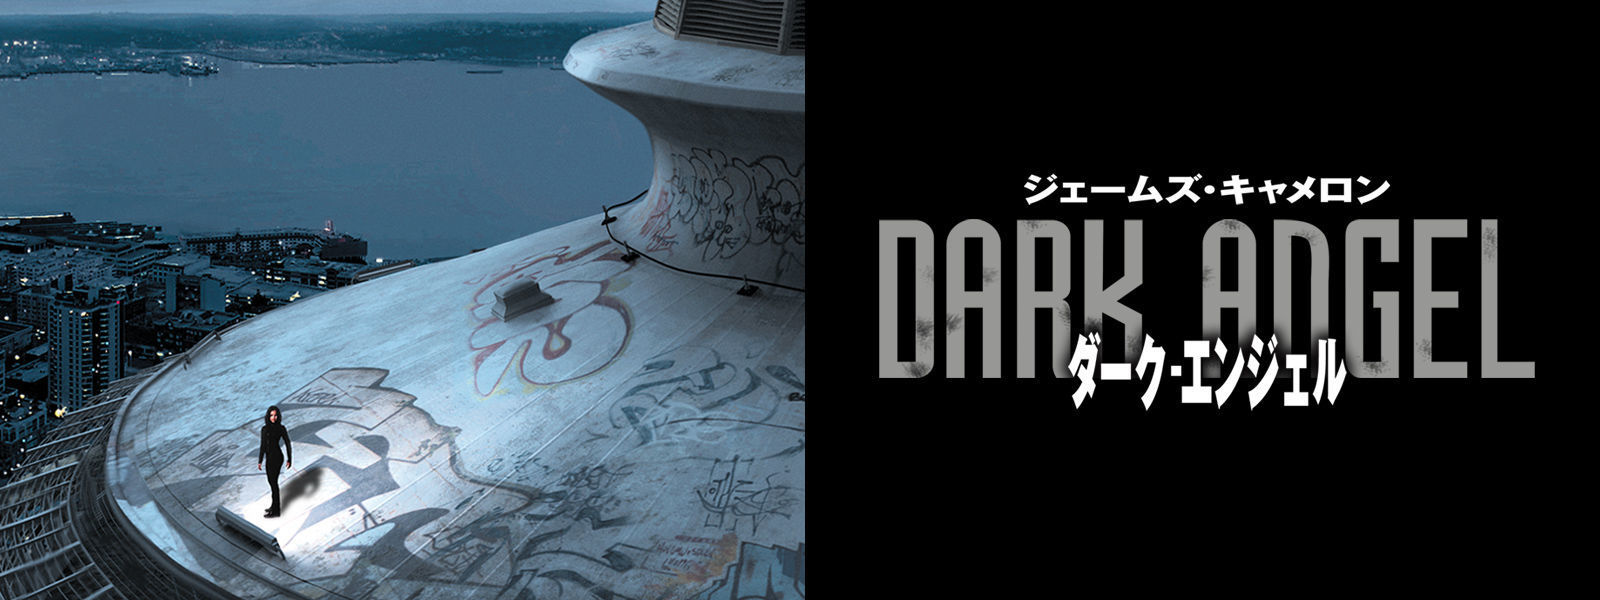 ダーク・エンジェル|Dark Angel Hero Object